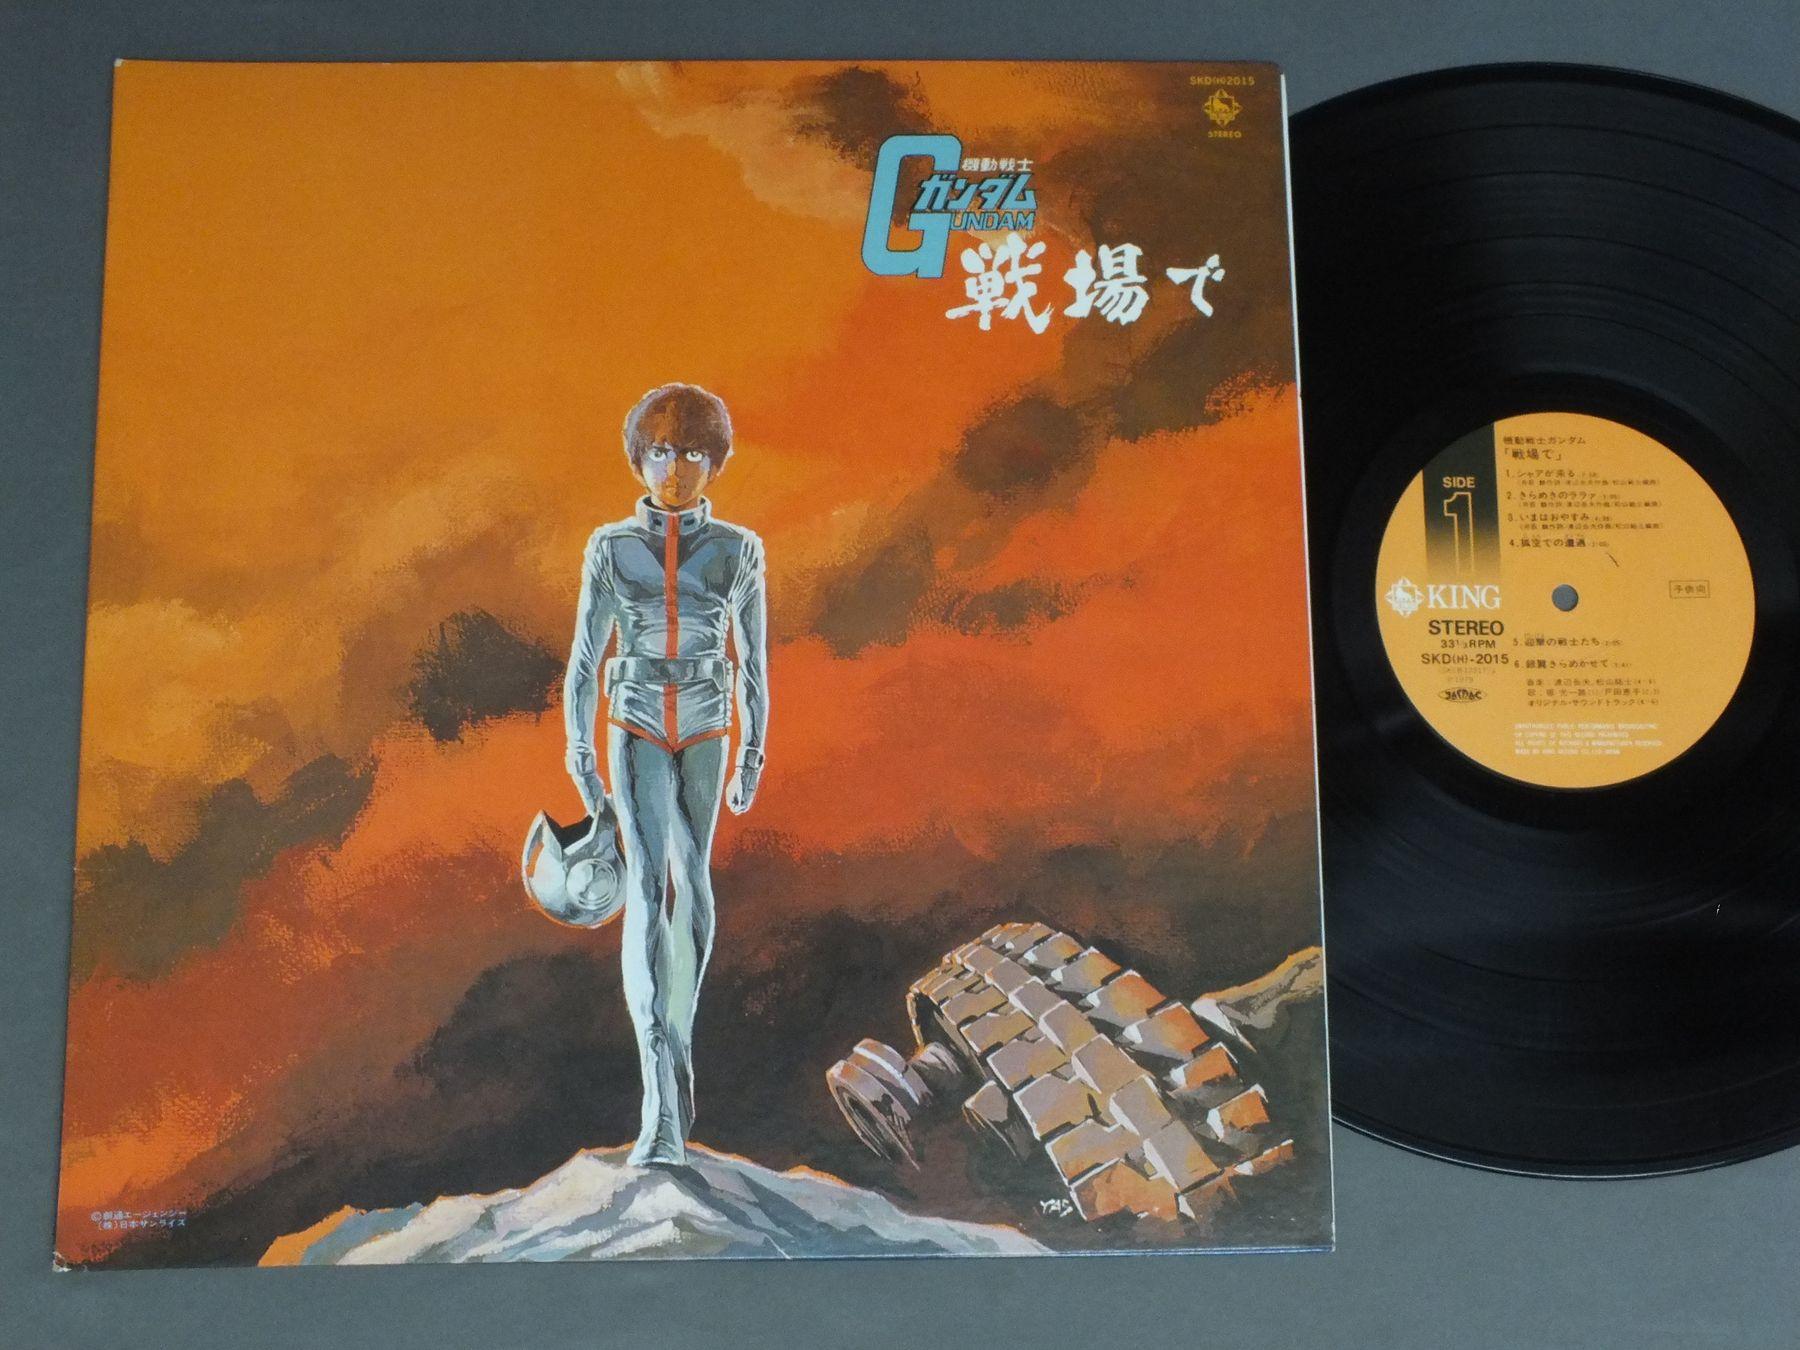 ANIME GUNDAM - ORIGINAL SOUND TRACK - LP